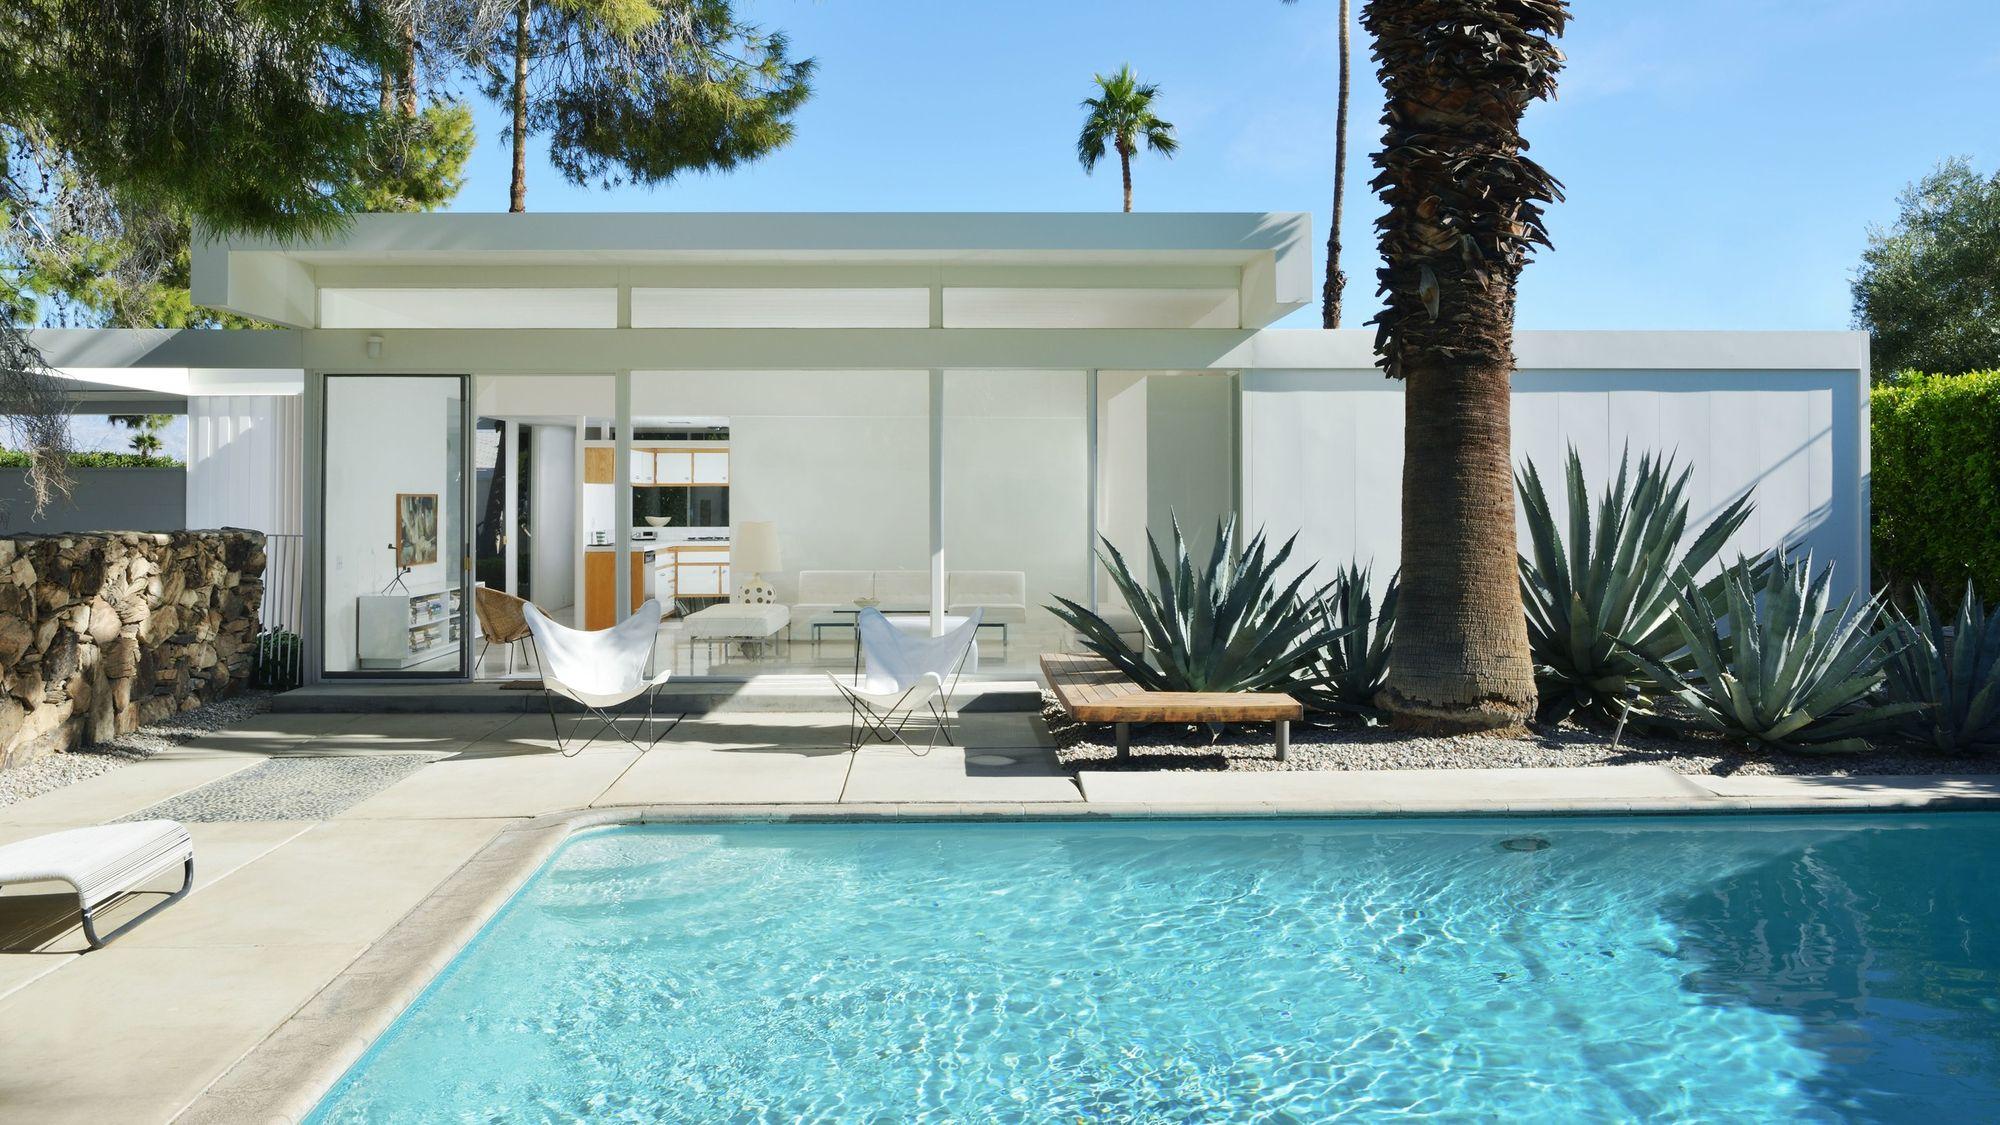 Dit huis in Palm Springs moet je zien